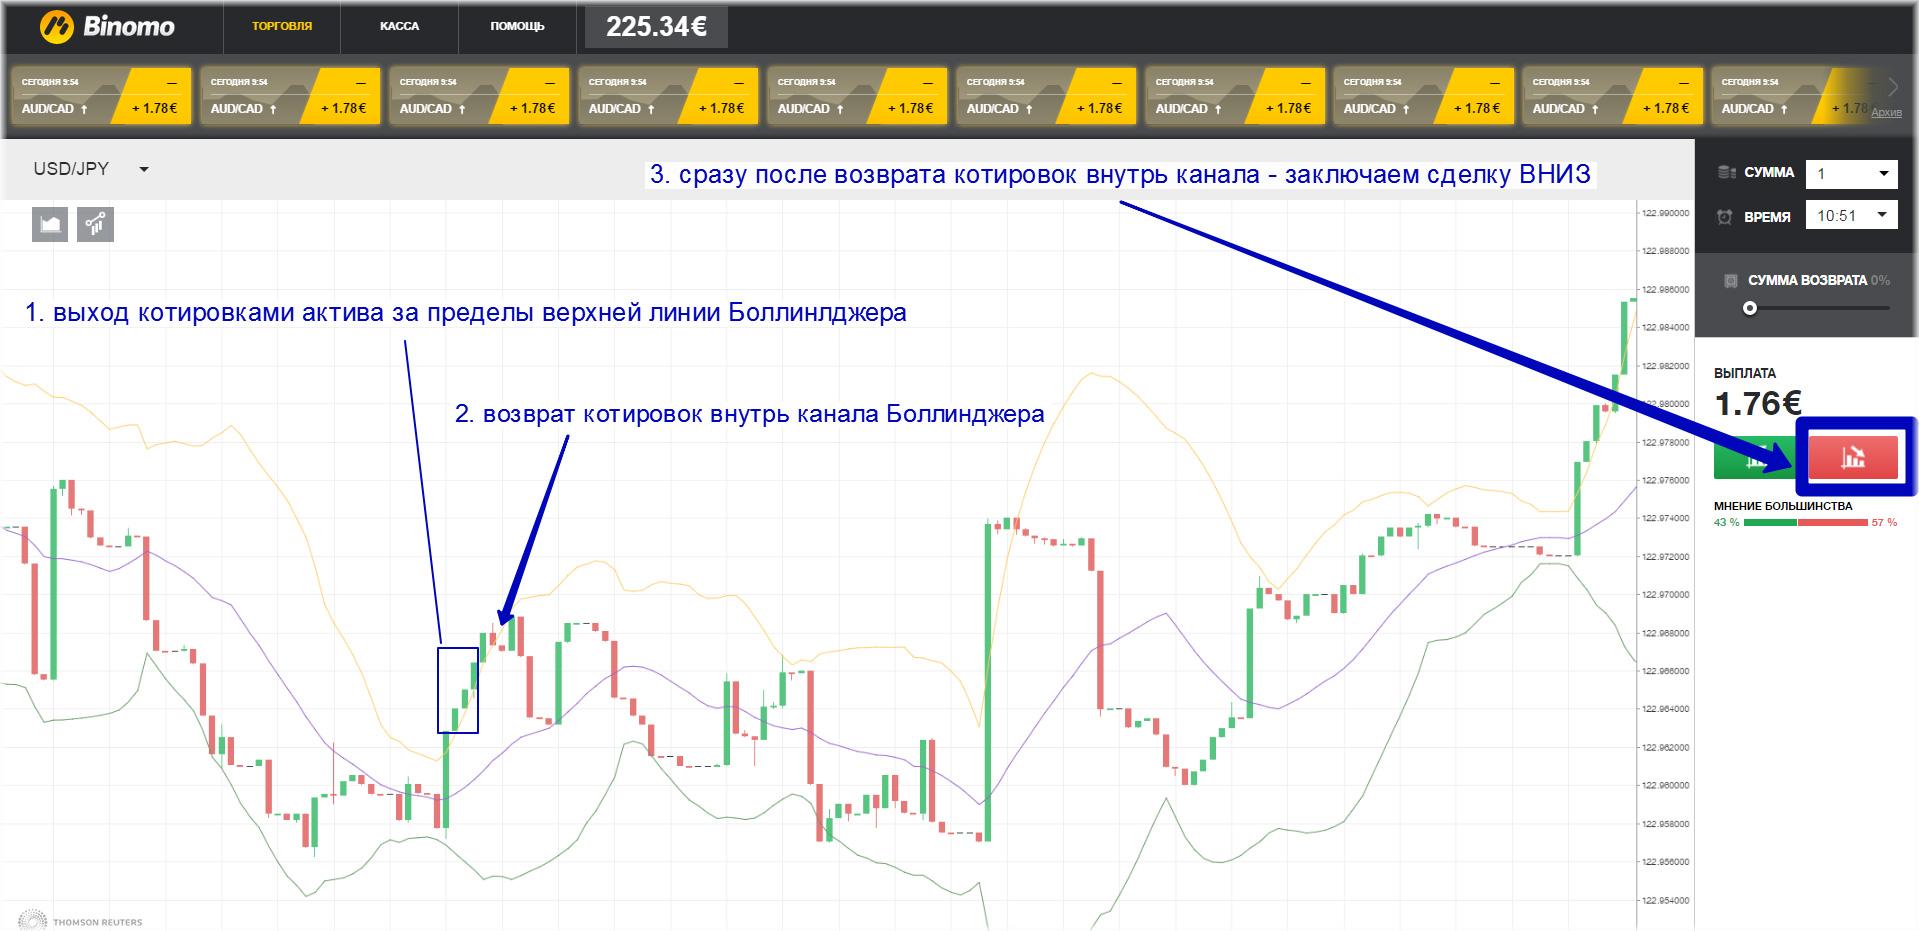 tirdzniecības bināro opciju stratēģija)